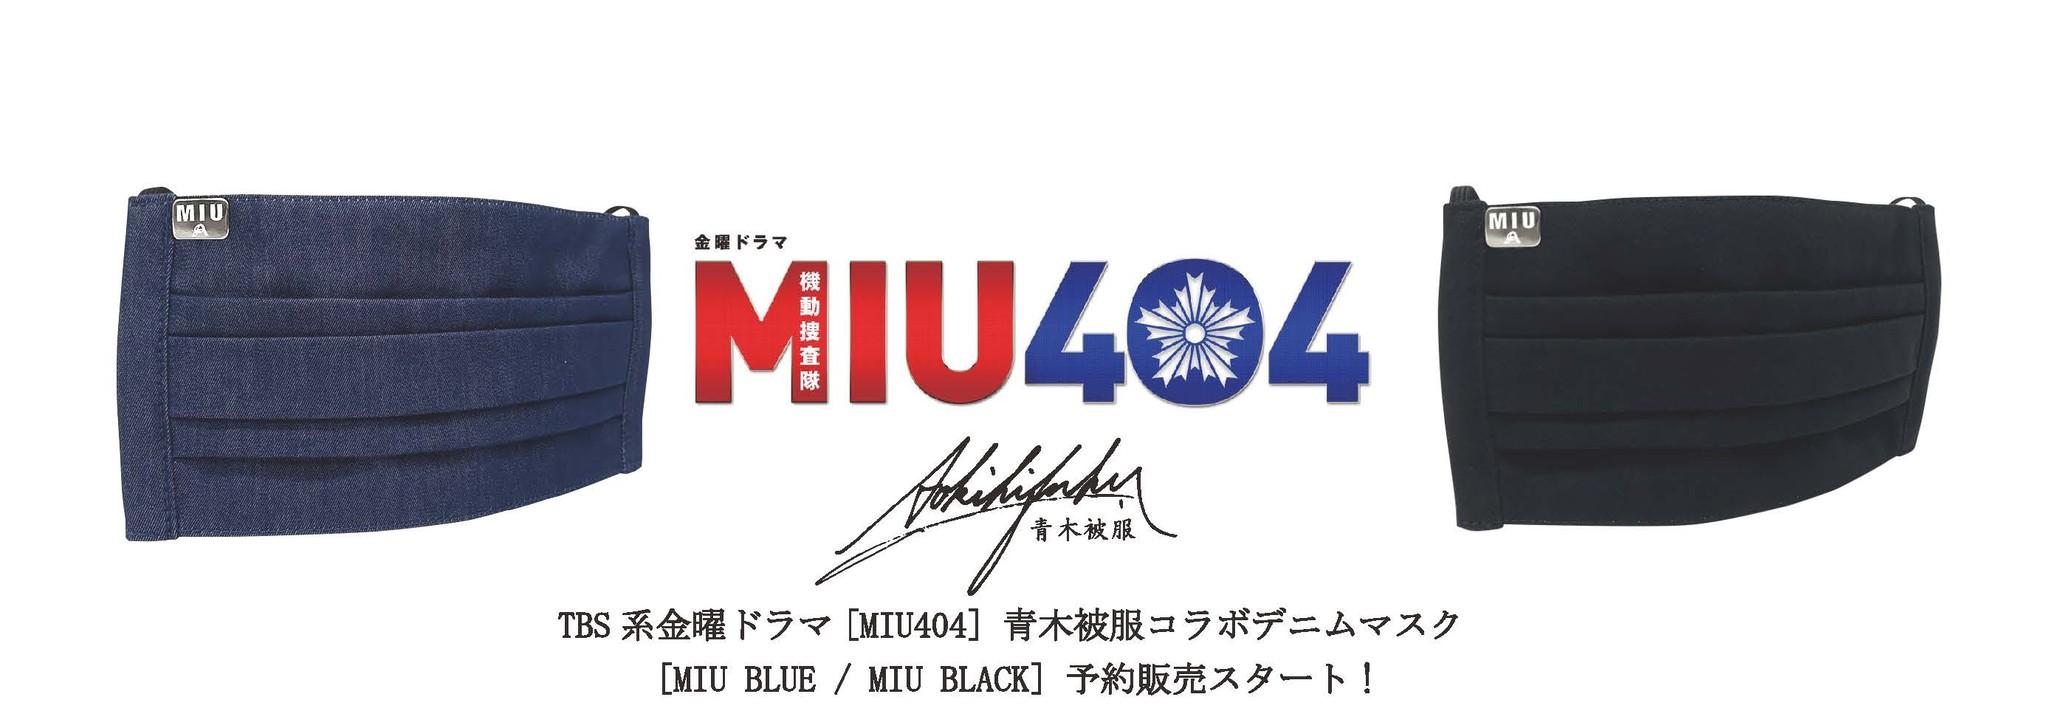 [緊急告知] 青木被服がTBS系金曜ドラマ「MIU404」とのコラボデニムマスクを予約販売開始!